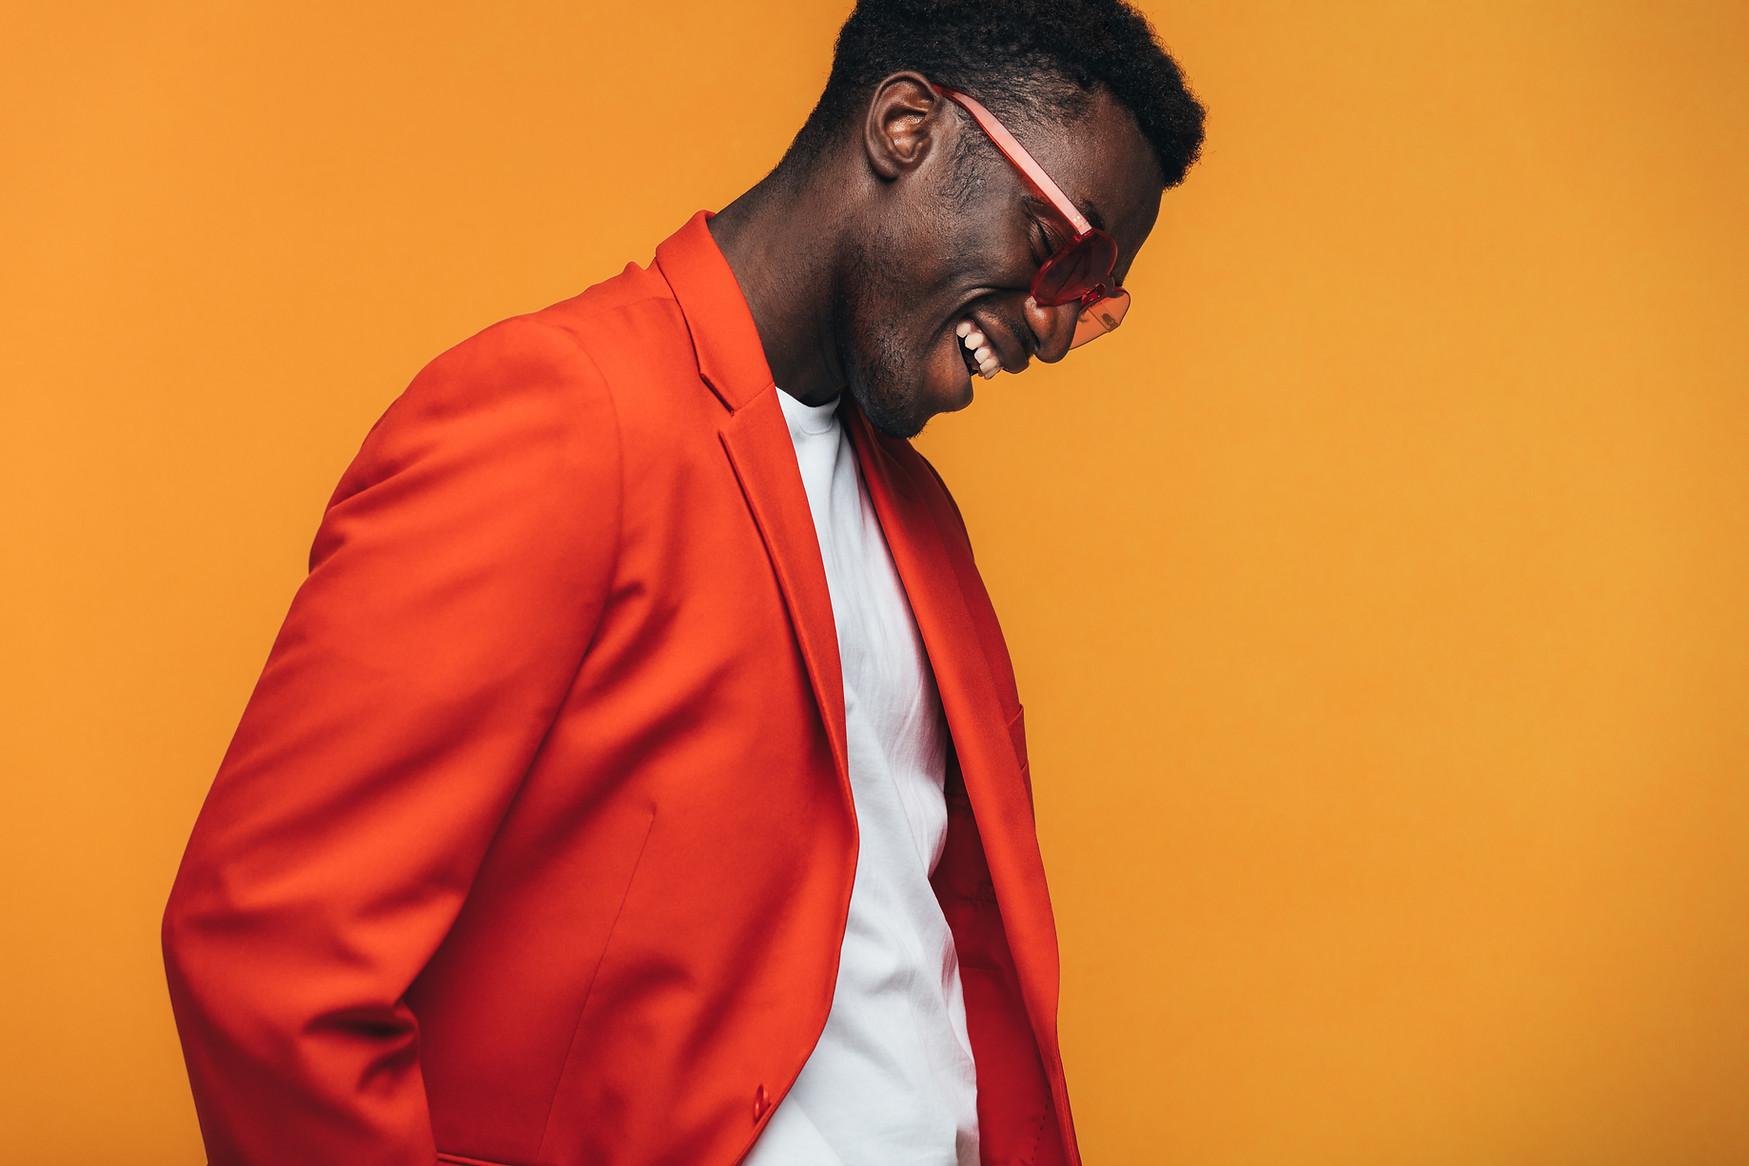 Man in Orange Suit